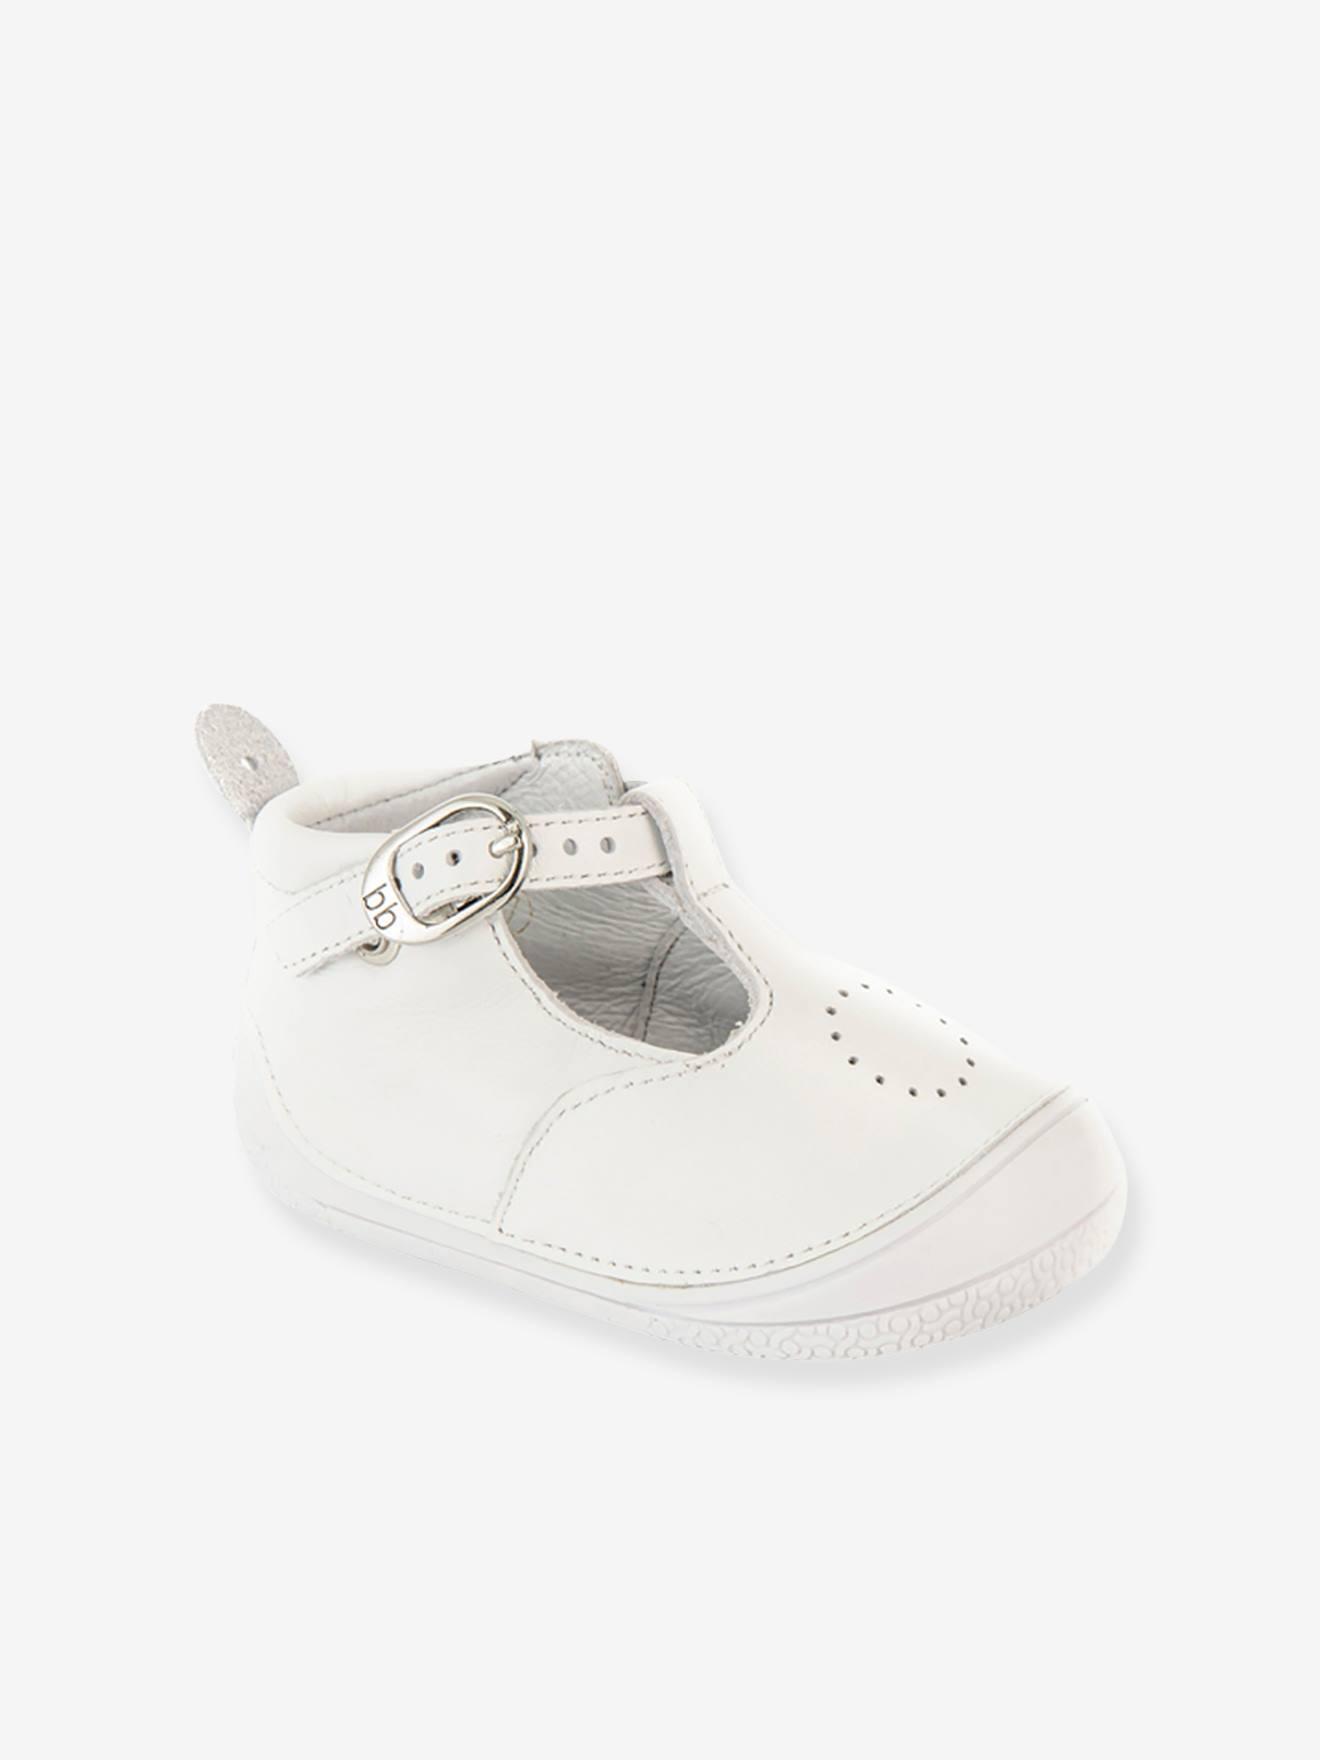 1f77b532c594a Chaussures-Chaussures bébé 16-26-Naissance-Bottillons salomés cuir bébé  fille Zia